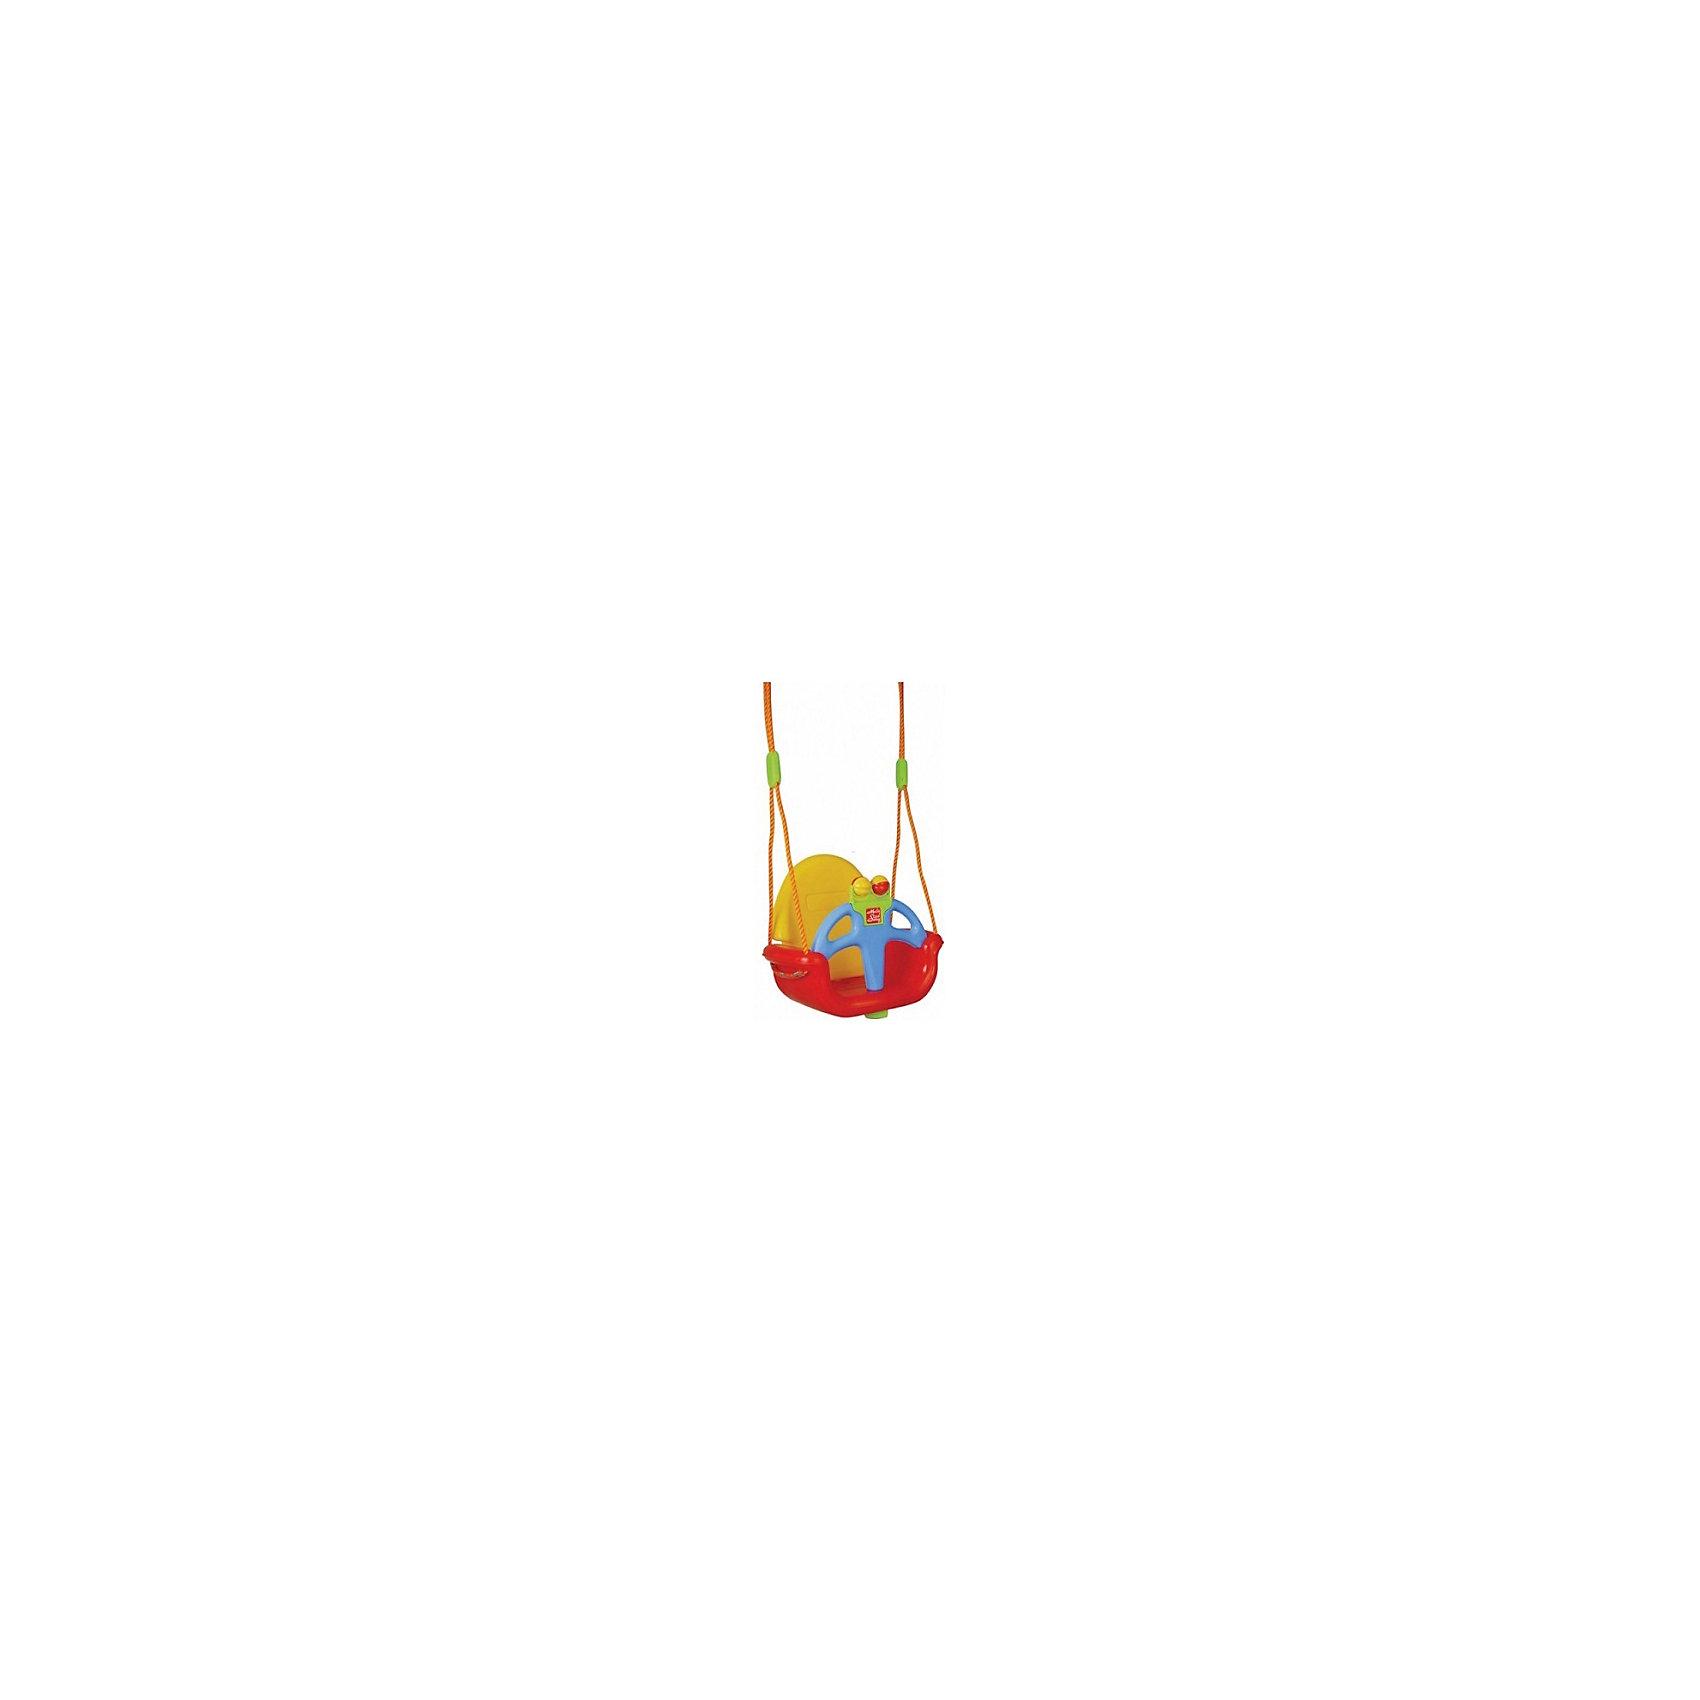 Качели подвесные DO-RE-MI 3 в 1, PilsanКачели и качалки<br>Качели подвесные DO-RE-MI 3 в 1, Pilsan (Пилсан).<br><br>Характеристики:<br><br>• Материал: пластик.<br>• Задняя спинка качели (съемная);<br>• Переднее ограждение безопасности (съемное);<br>• Протестированная на прочность веревка для крепления качели;<br>• Крепление - 2 карабина;<br>• Погремушка.<br>• Размер упаковки 48?31?44 см.<br>• Вес:2.6кг.<br><br>Качели подвесные DO-RE-MI 3 в 1, Pilsan (Пилсан) – веселое развлечение для Вашего крохи! <br>Эта игрушка три в одном:- ее можно использовать со спинкой и ограждением; без ограждения; а также без спинки и без ограждения по мере взросления ребенка. Поскольку качели способны трансформироваться и при этом максимальная нагрузка до 100 кг, то они прослужат много лет.<br><br>Качели подвесные DO-RE-MI 3 в 1, Pilsan (Пилсан), можно купить в нашем интернет – магазине.<br><br>Ширина мм: 480<br>Глубина мм: 440<br>Высота мм: 310<br>Вес г: 2600<br>Возраст от месяцев: 12<br>Возраст до месяцев: 120<br>Пол: Унисекс<br>Возраст: Детский<br>SKU: 5045002